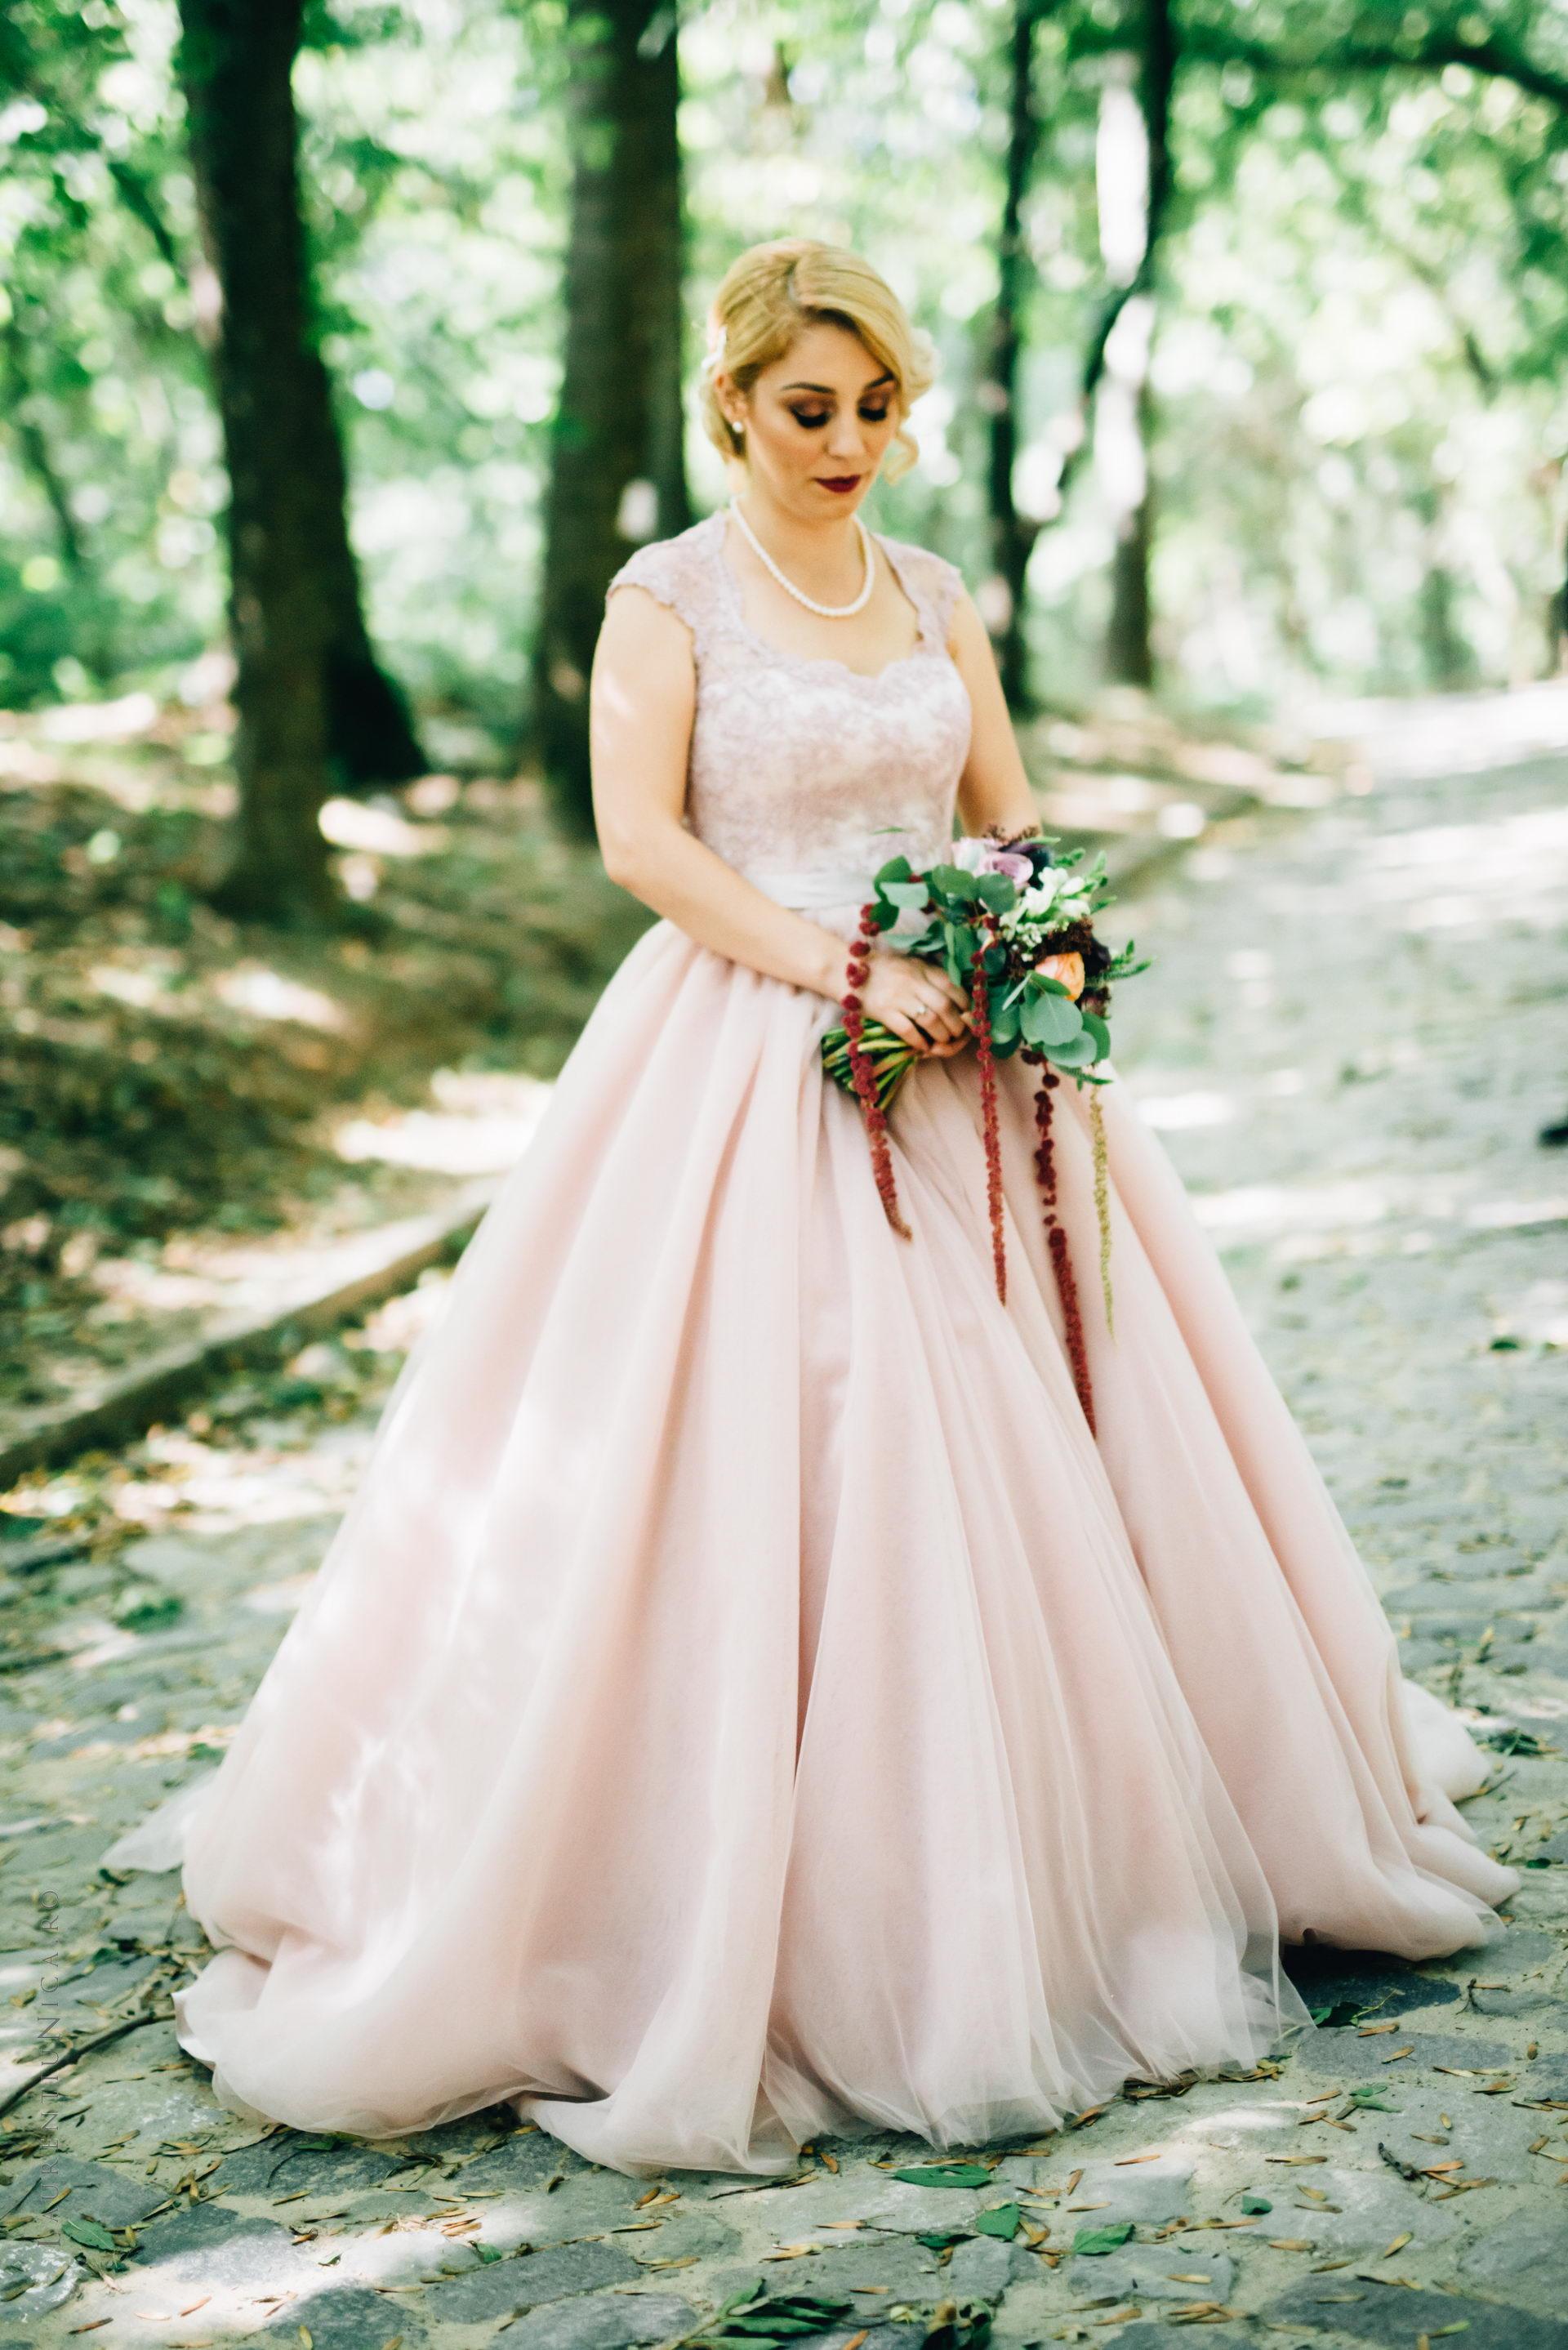 lavinia si adi fotograf laurentiu nica craiova 027 - Lavinia & Adi | Fotografii nunta